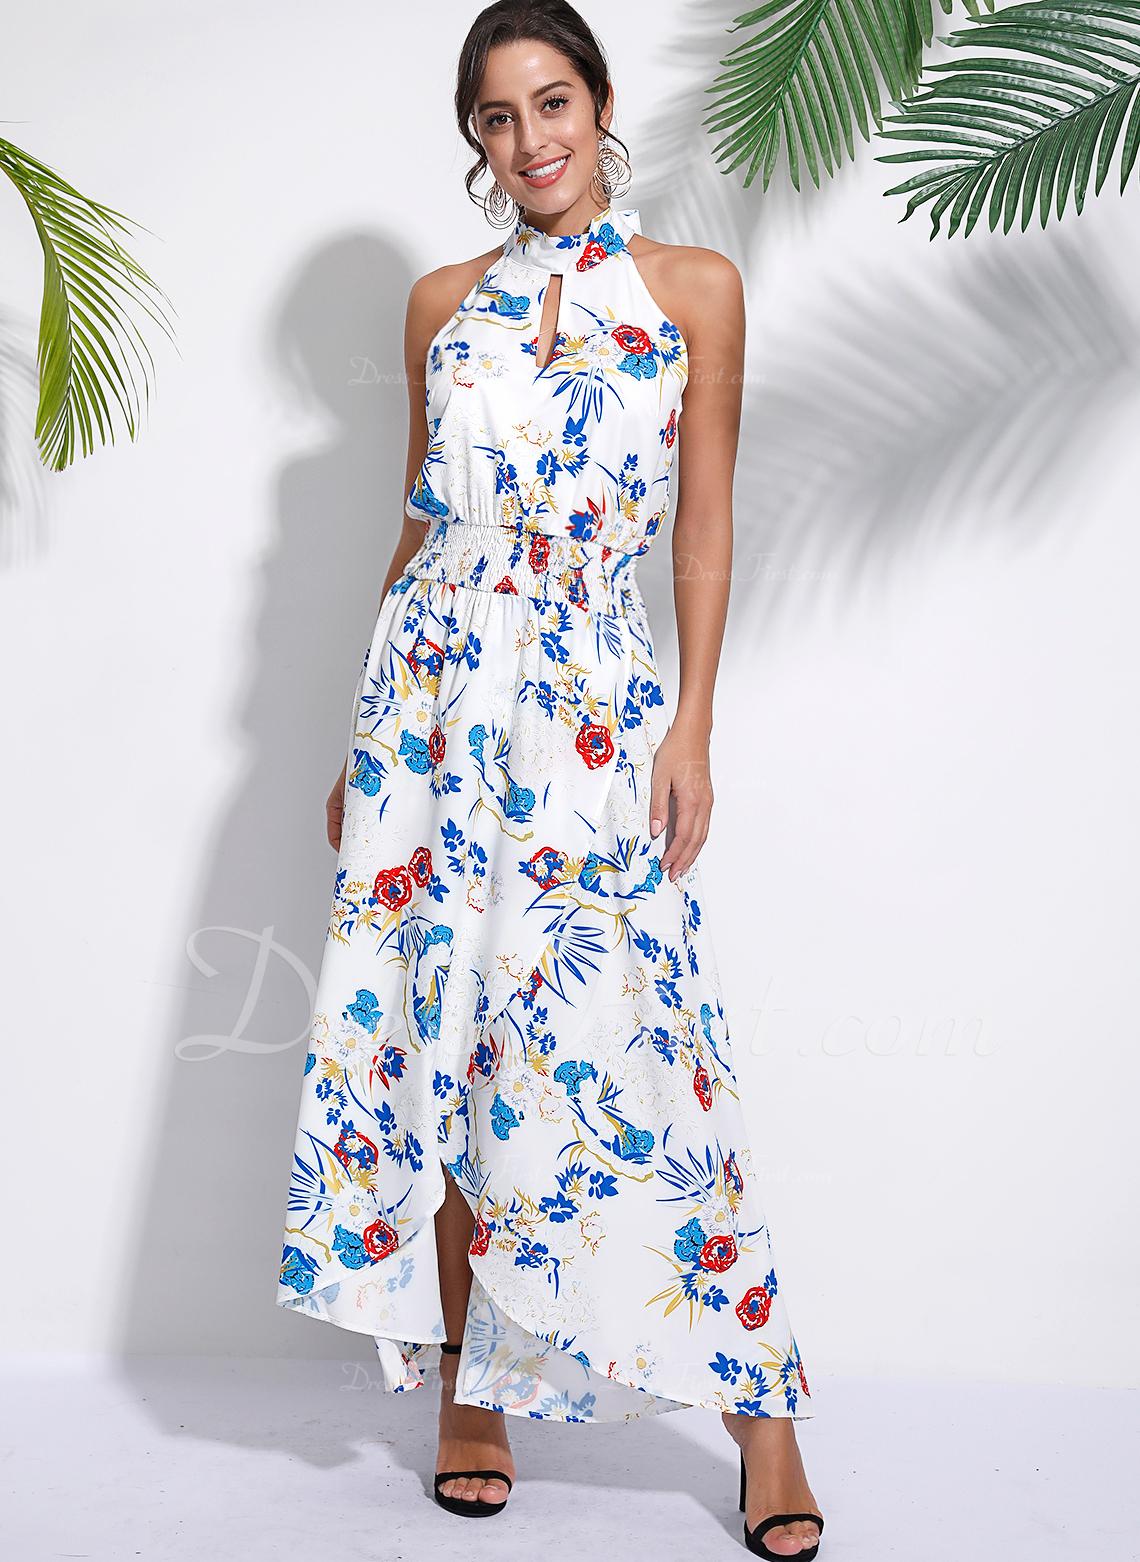 Floral Impresión Vestido línea A Sin mangas Asimétrico Casual Vacaciones Vestidos de moda